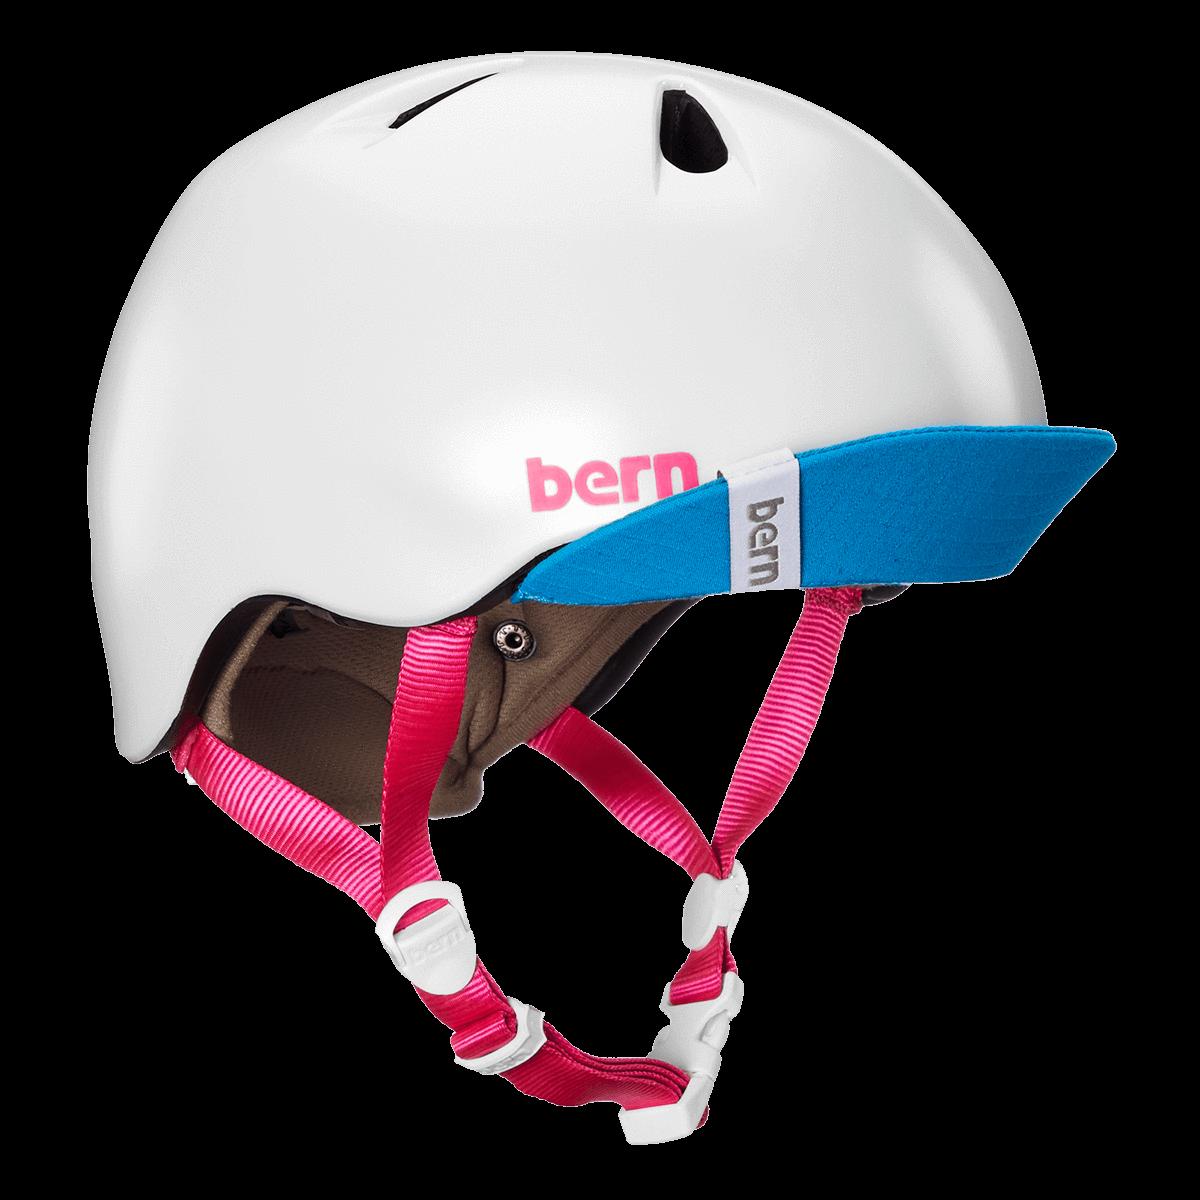 Casque Bern Nina-Satin-White-Esprit vélo